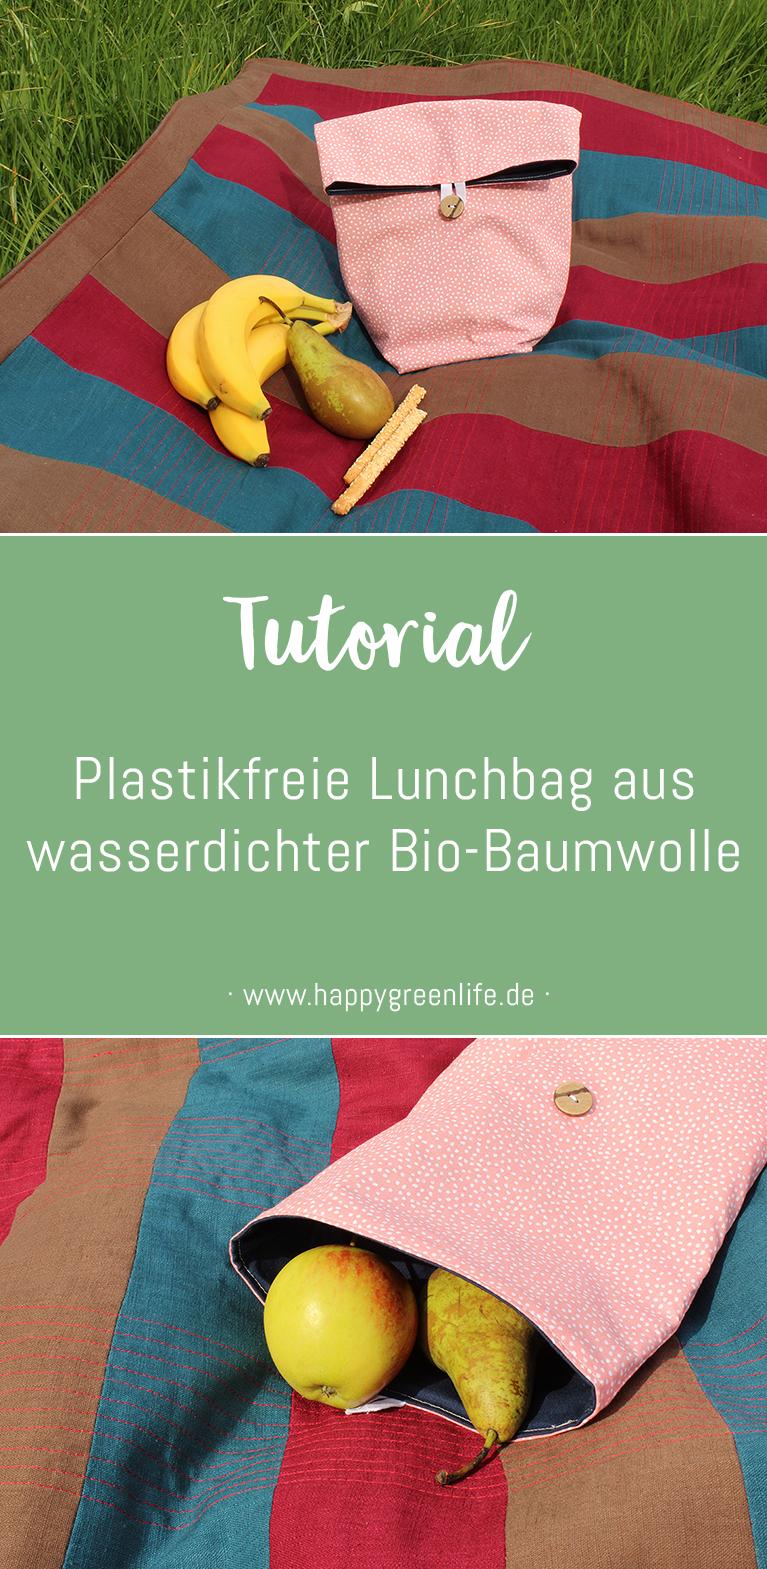 naehanleitung_lunchbag_schnittmuster_kreativlabor_berlin